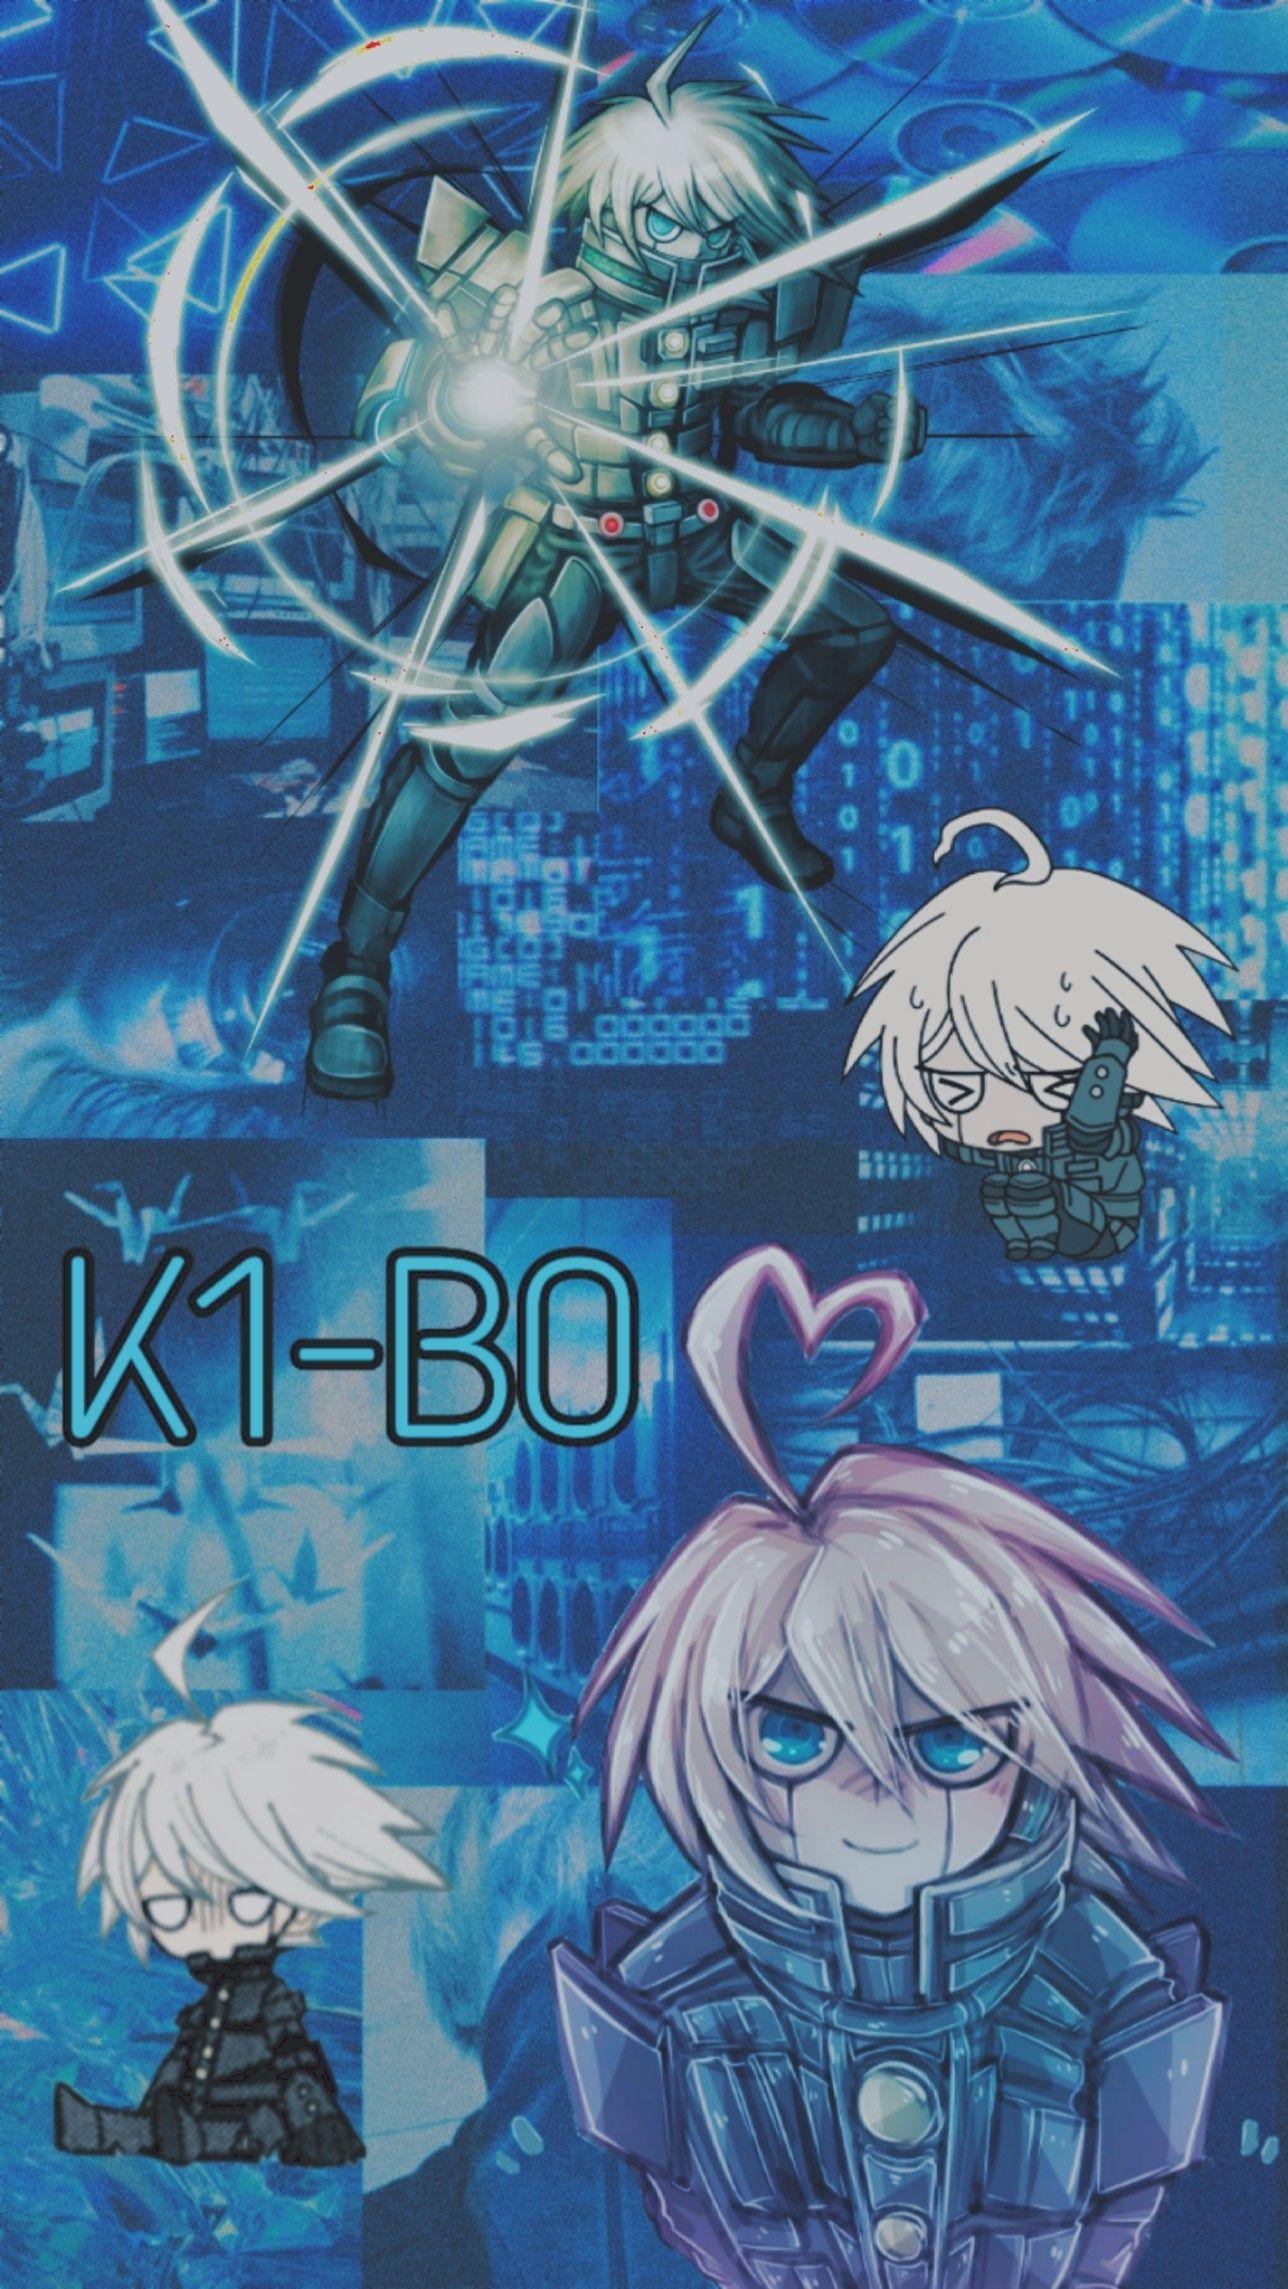 K1B0 aesthetic Anime wallpaper, Anime, Danganronpa